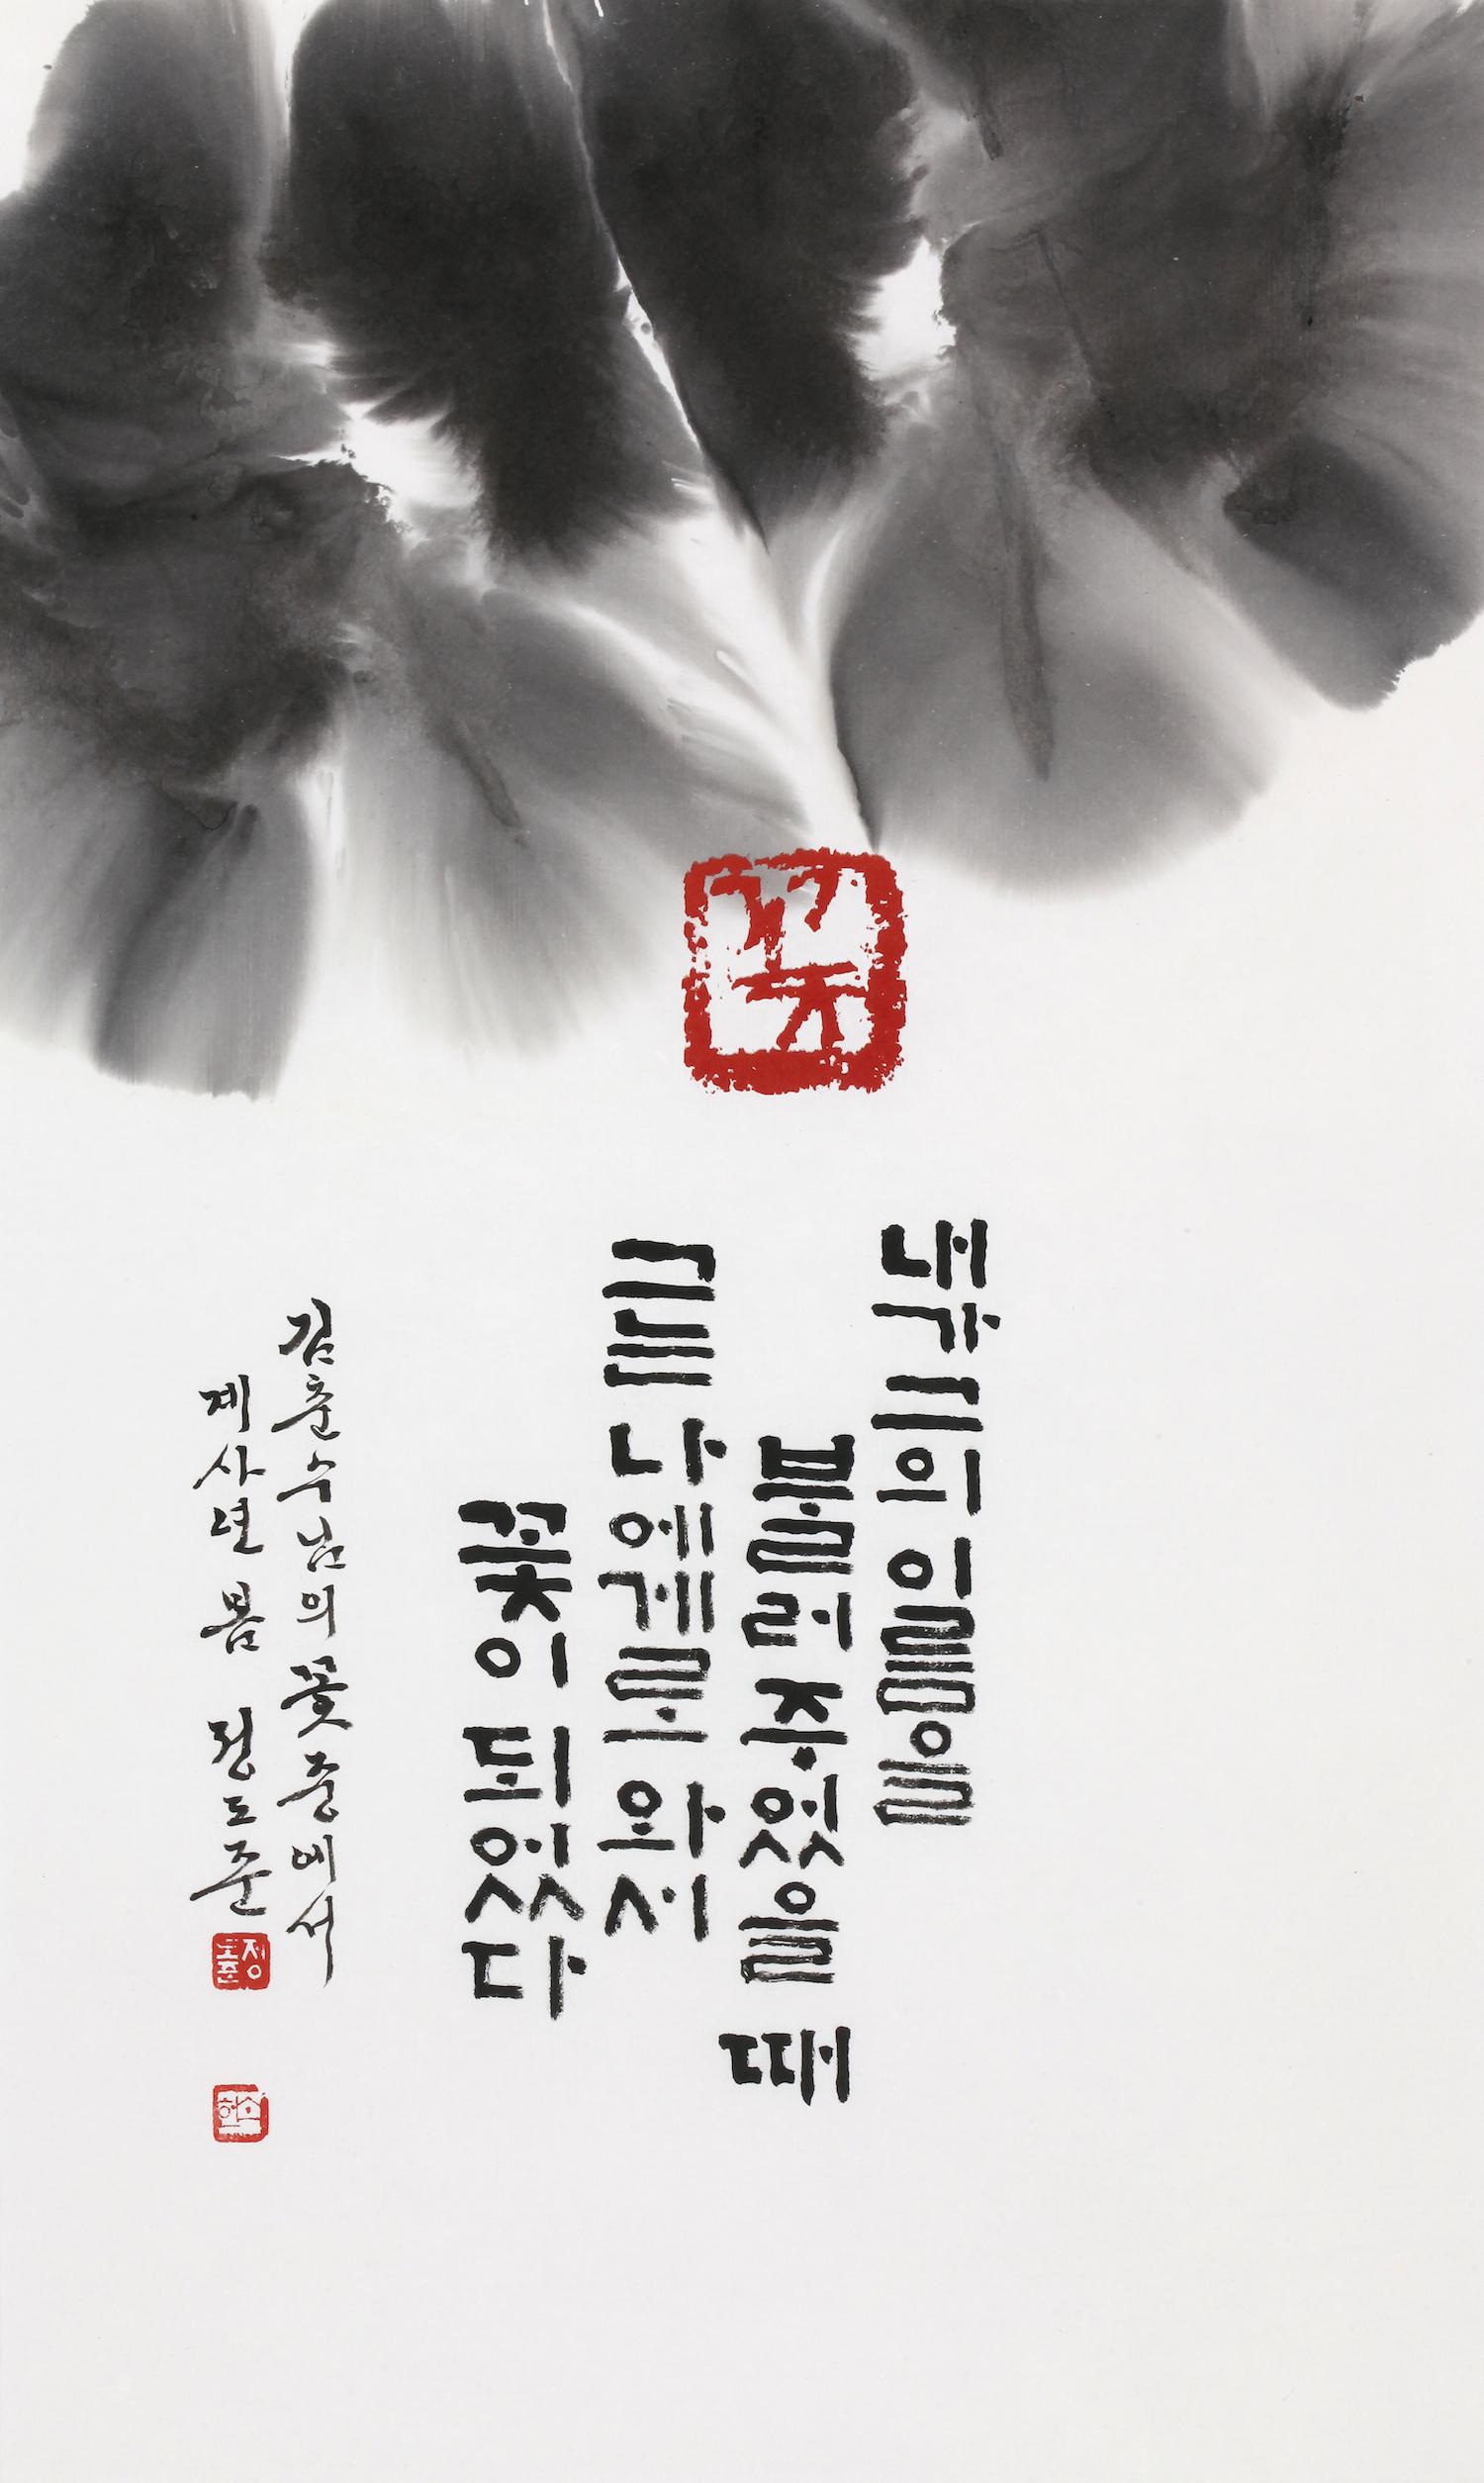 FLOWER, 2013, Encre sur papier, cm 51 x 82